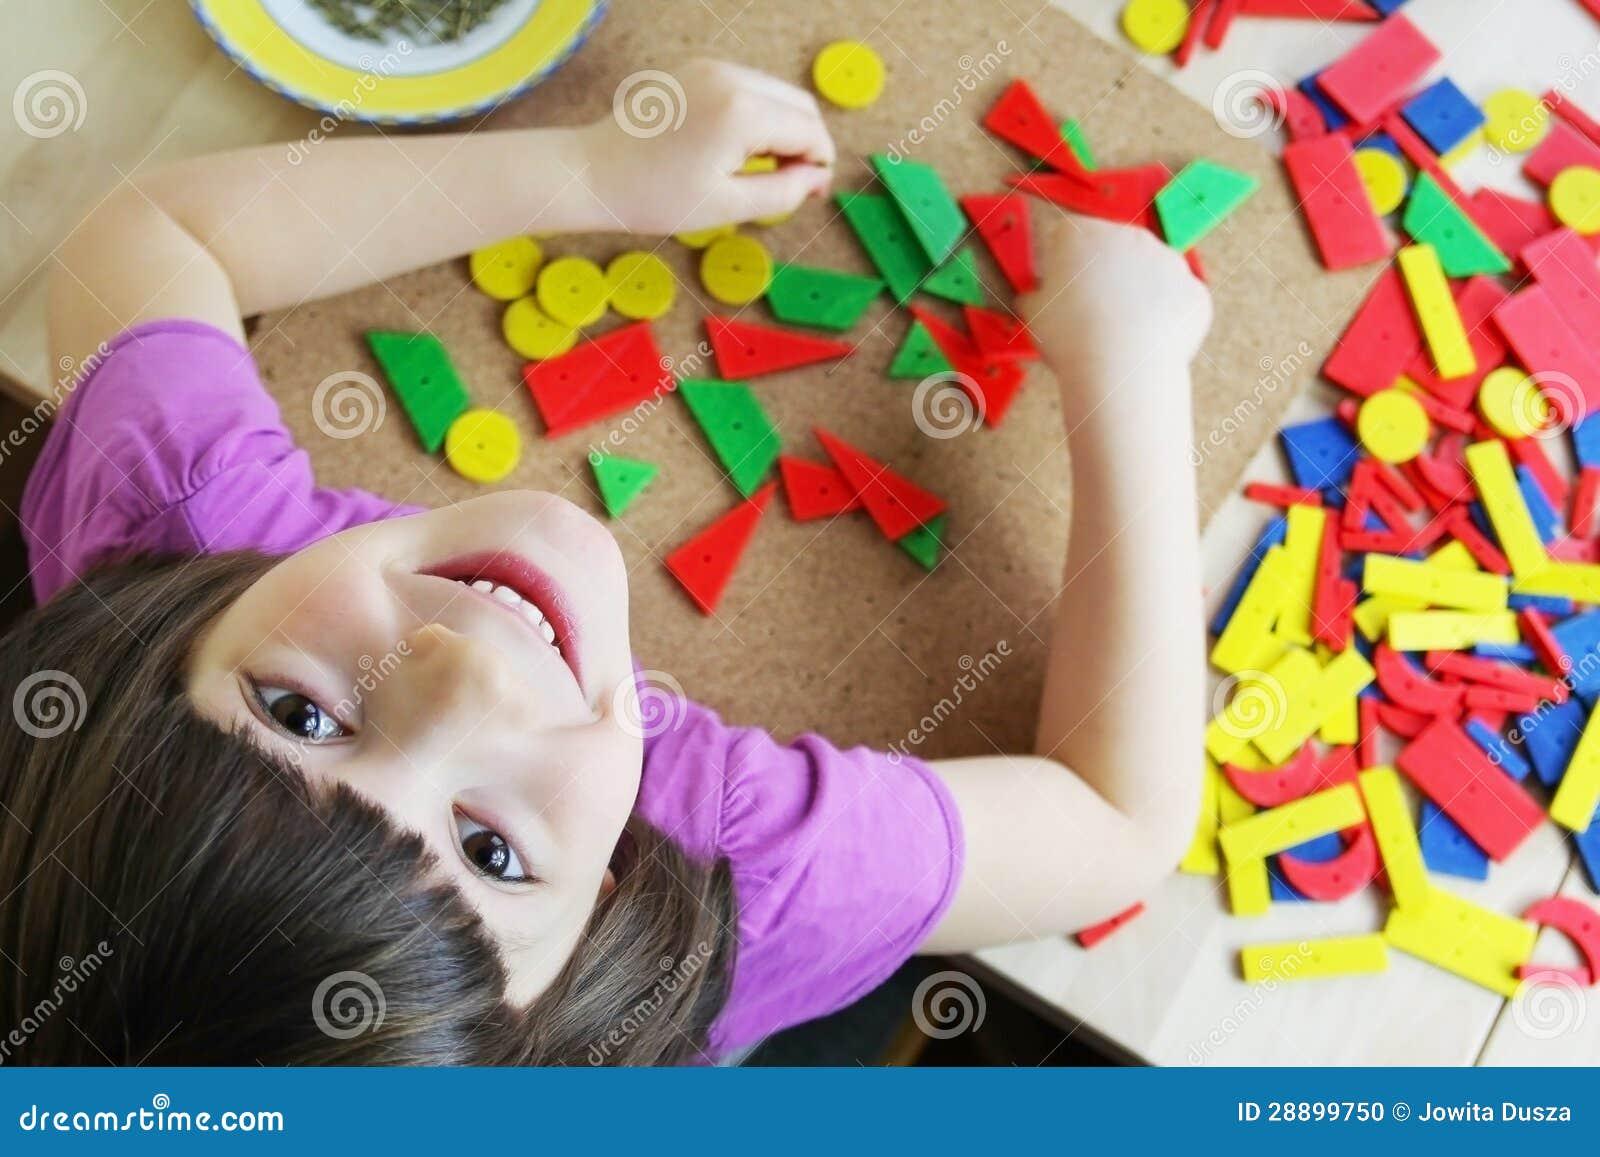 Головоломка Montessori. Preschool.